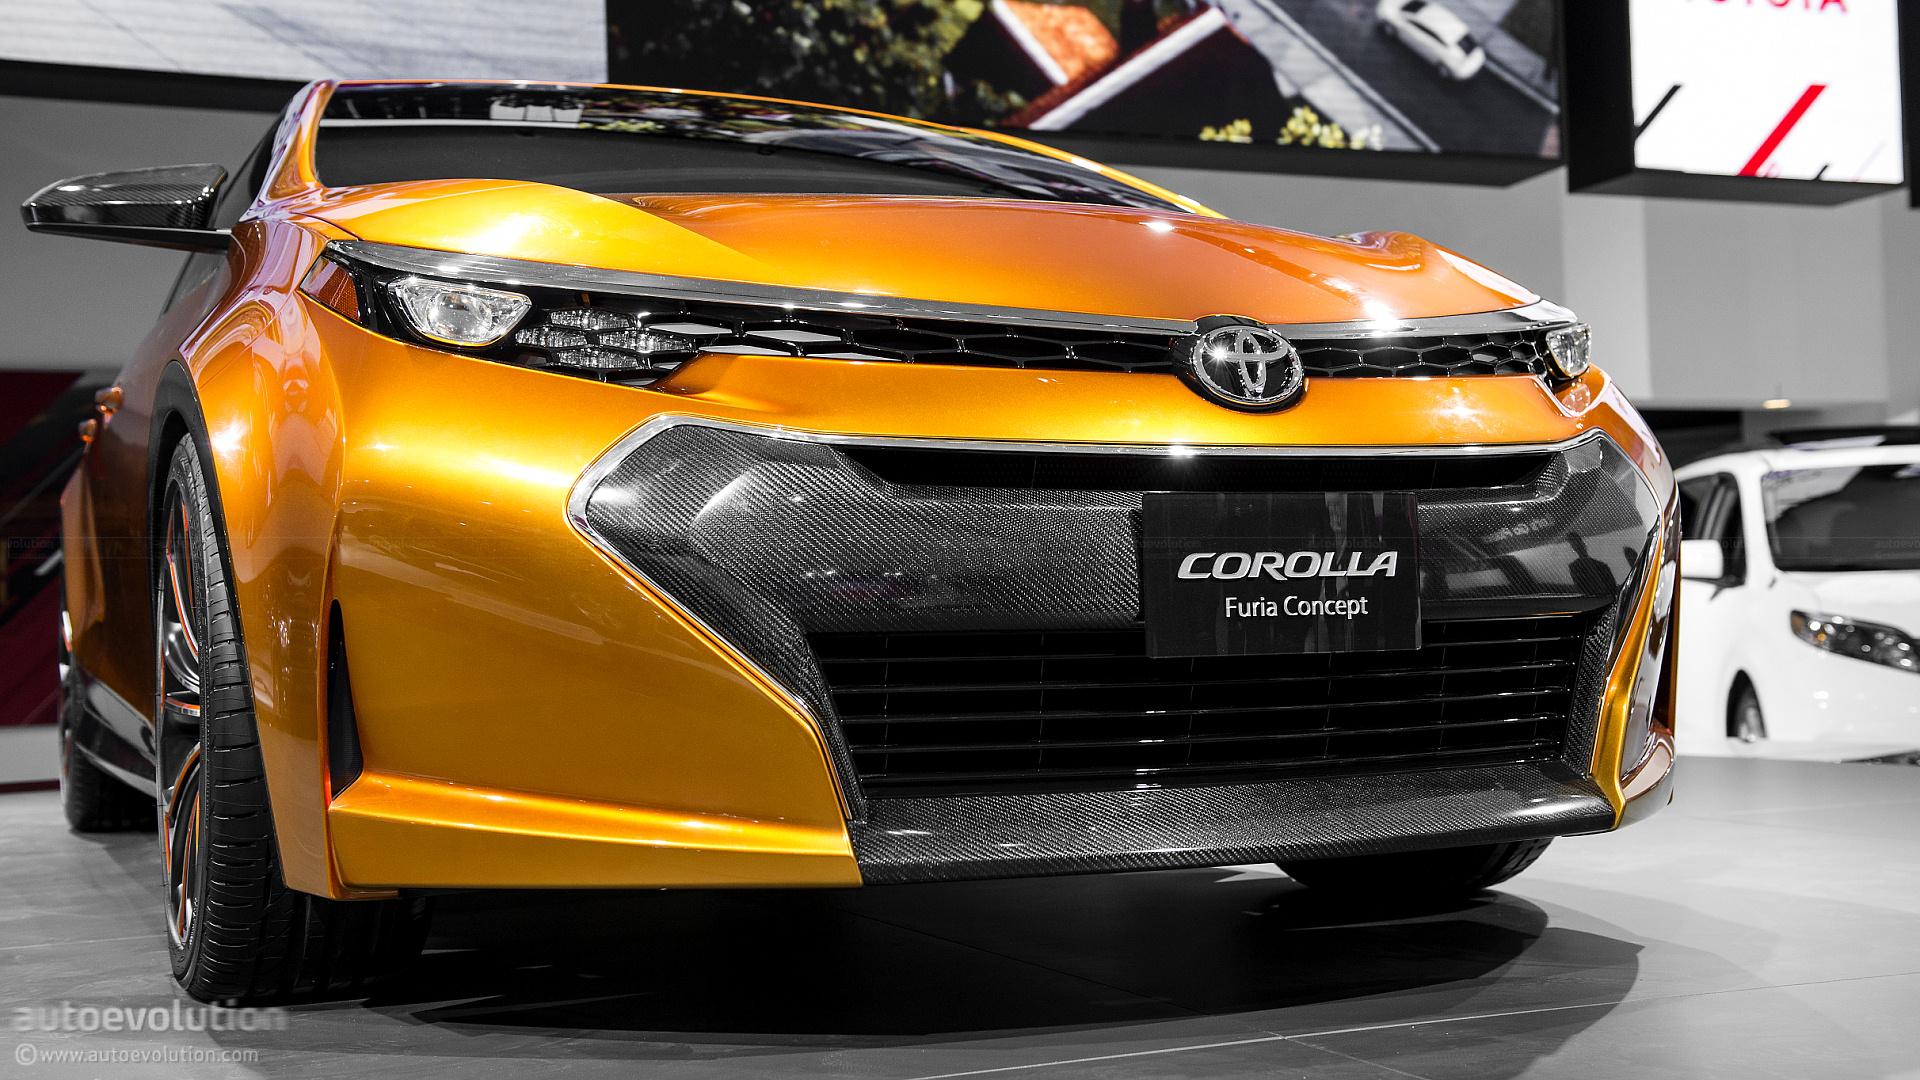 Toyota Corolla Furia Concept #10/14